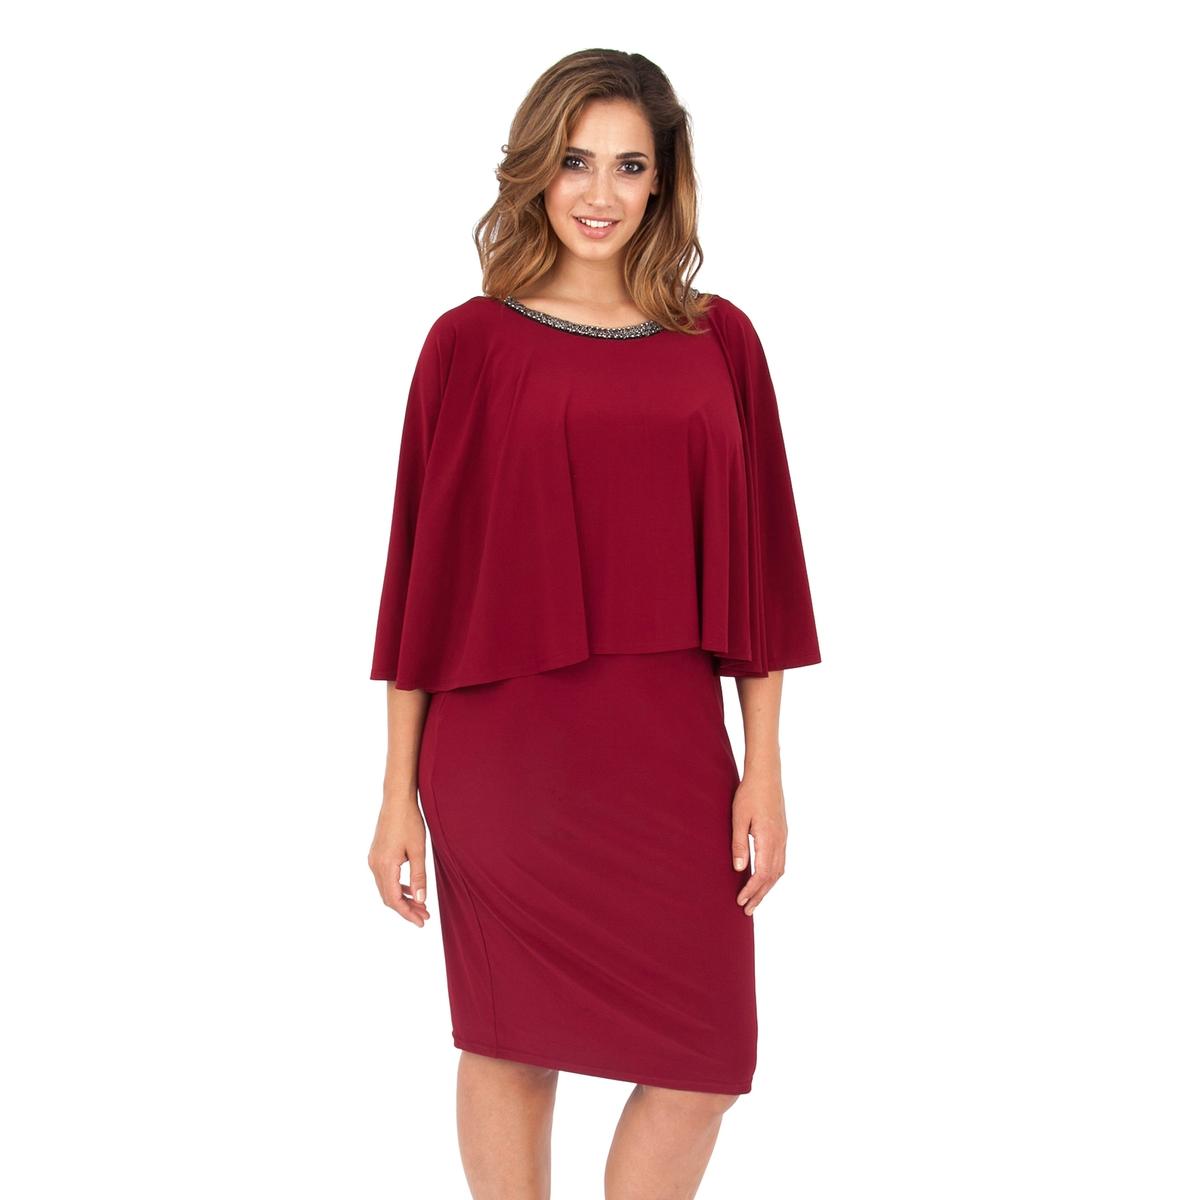 ПлатьеПлатье - KOKO BY KOKO. Платье 2 в 1 красивого малинового цвета с декорированным бусинами вырезом. Длина ок.104 см. 100% полиэстера.<br><br>Цвет: бордовый<br>Размер: 50/52 (FR) - 56/58 (RUS)